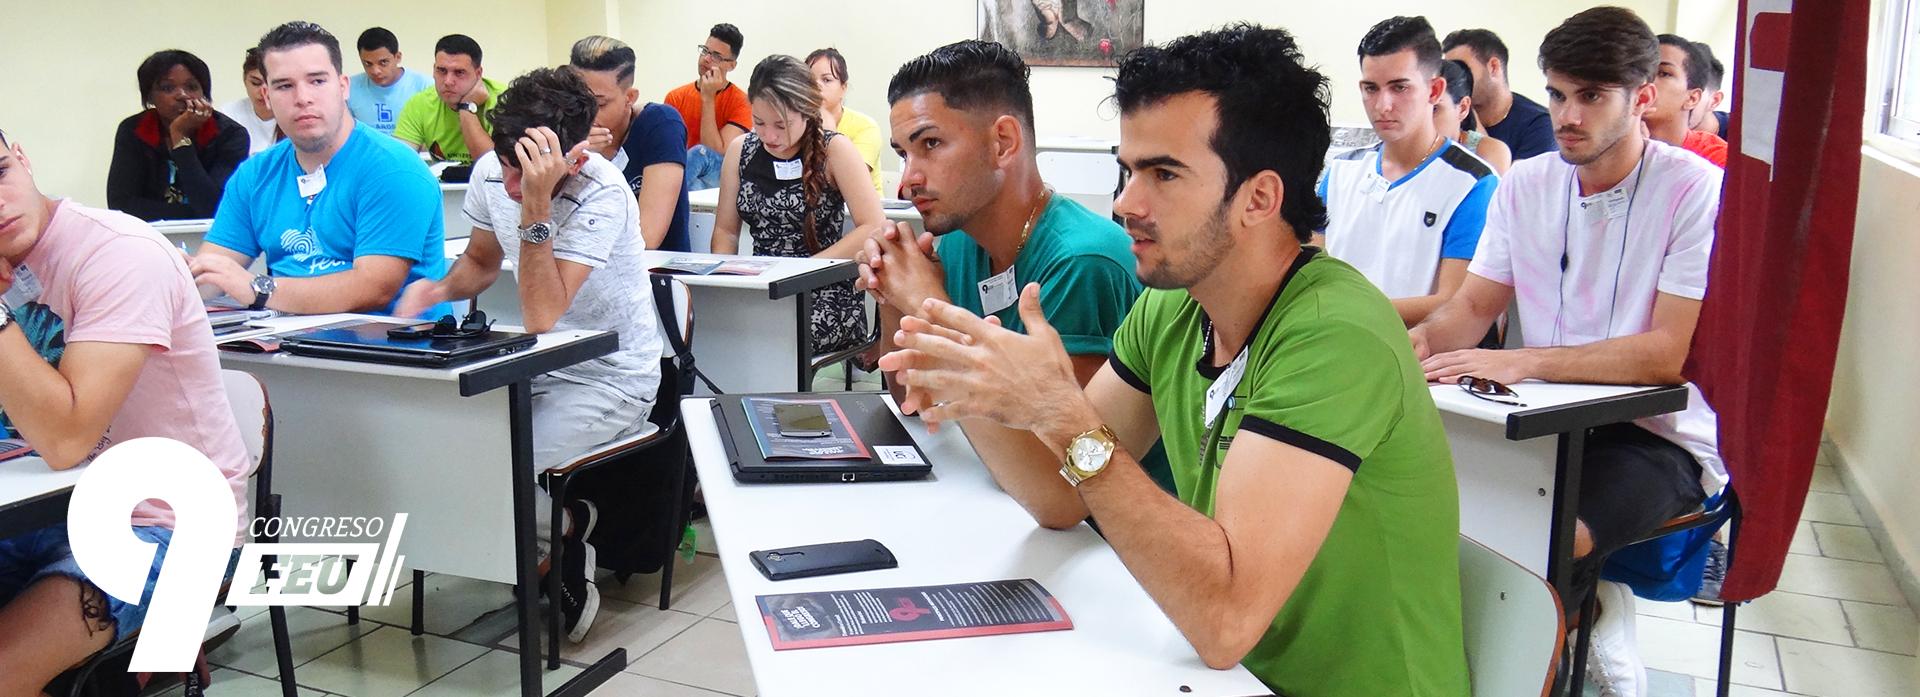 Estudiantes de la Universidad de las Ciencias Informáticas (UCI), debatiendo en el 9no Congreso de la FEU